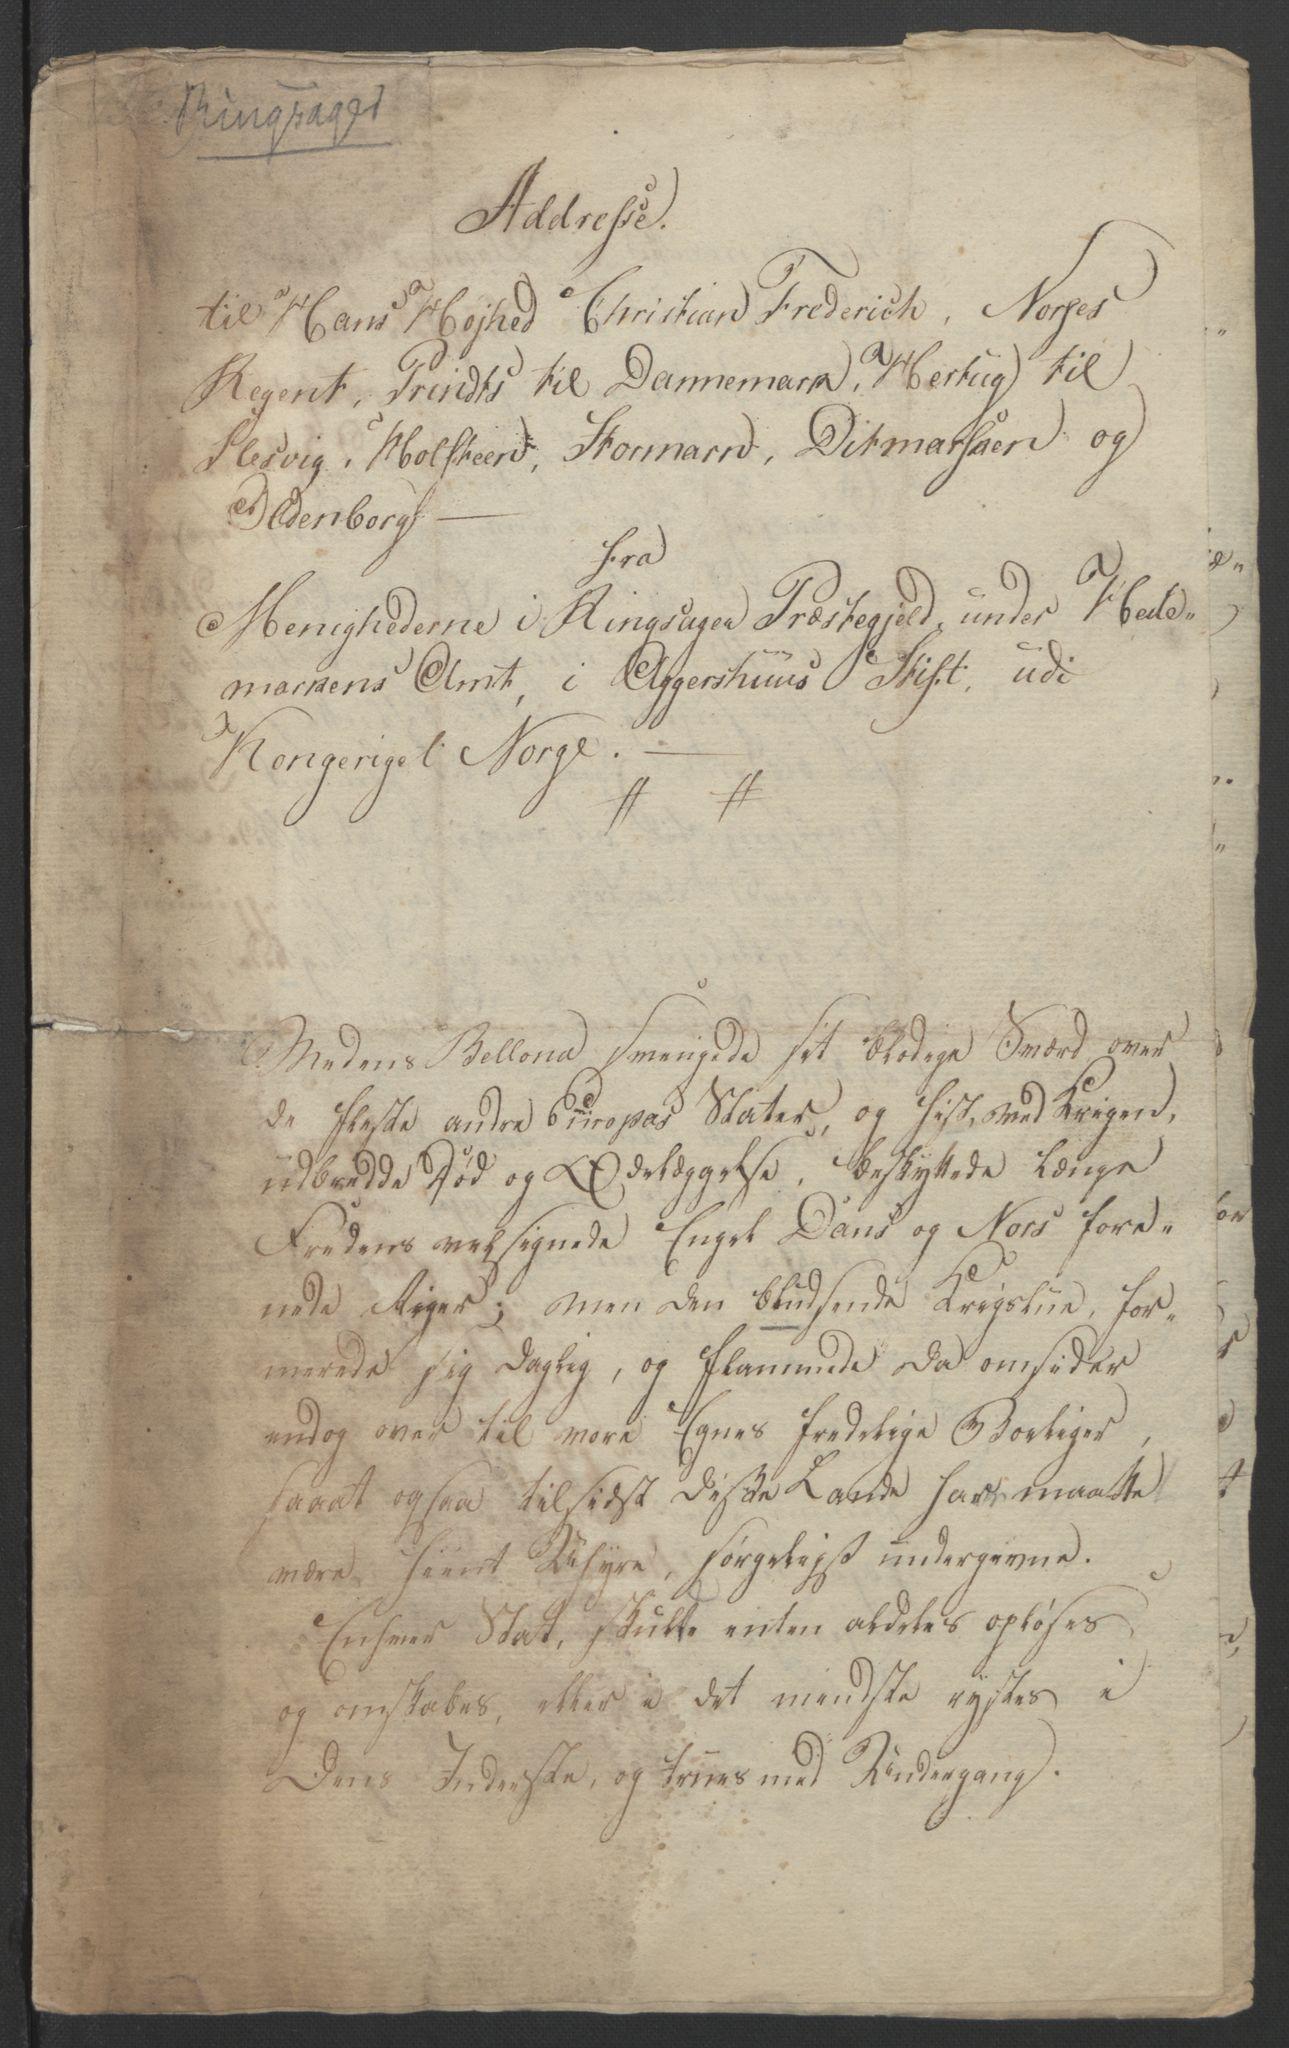 RA, Statsrådssekretariatet, D/Db/L0007: Fullmakter for Eidsvollsrepresentantene i 1814. , 1814, s. 234